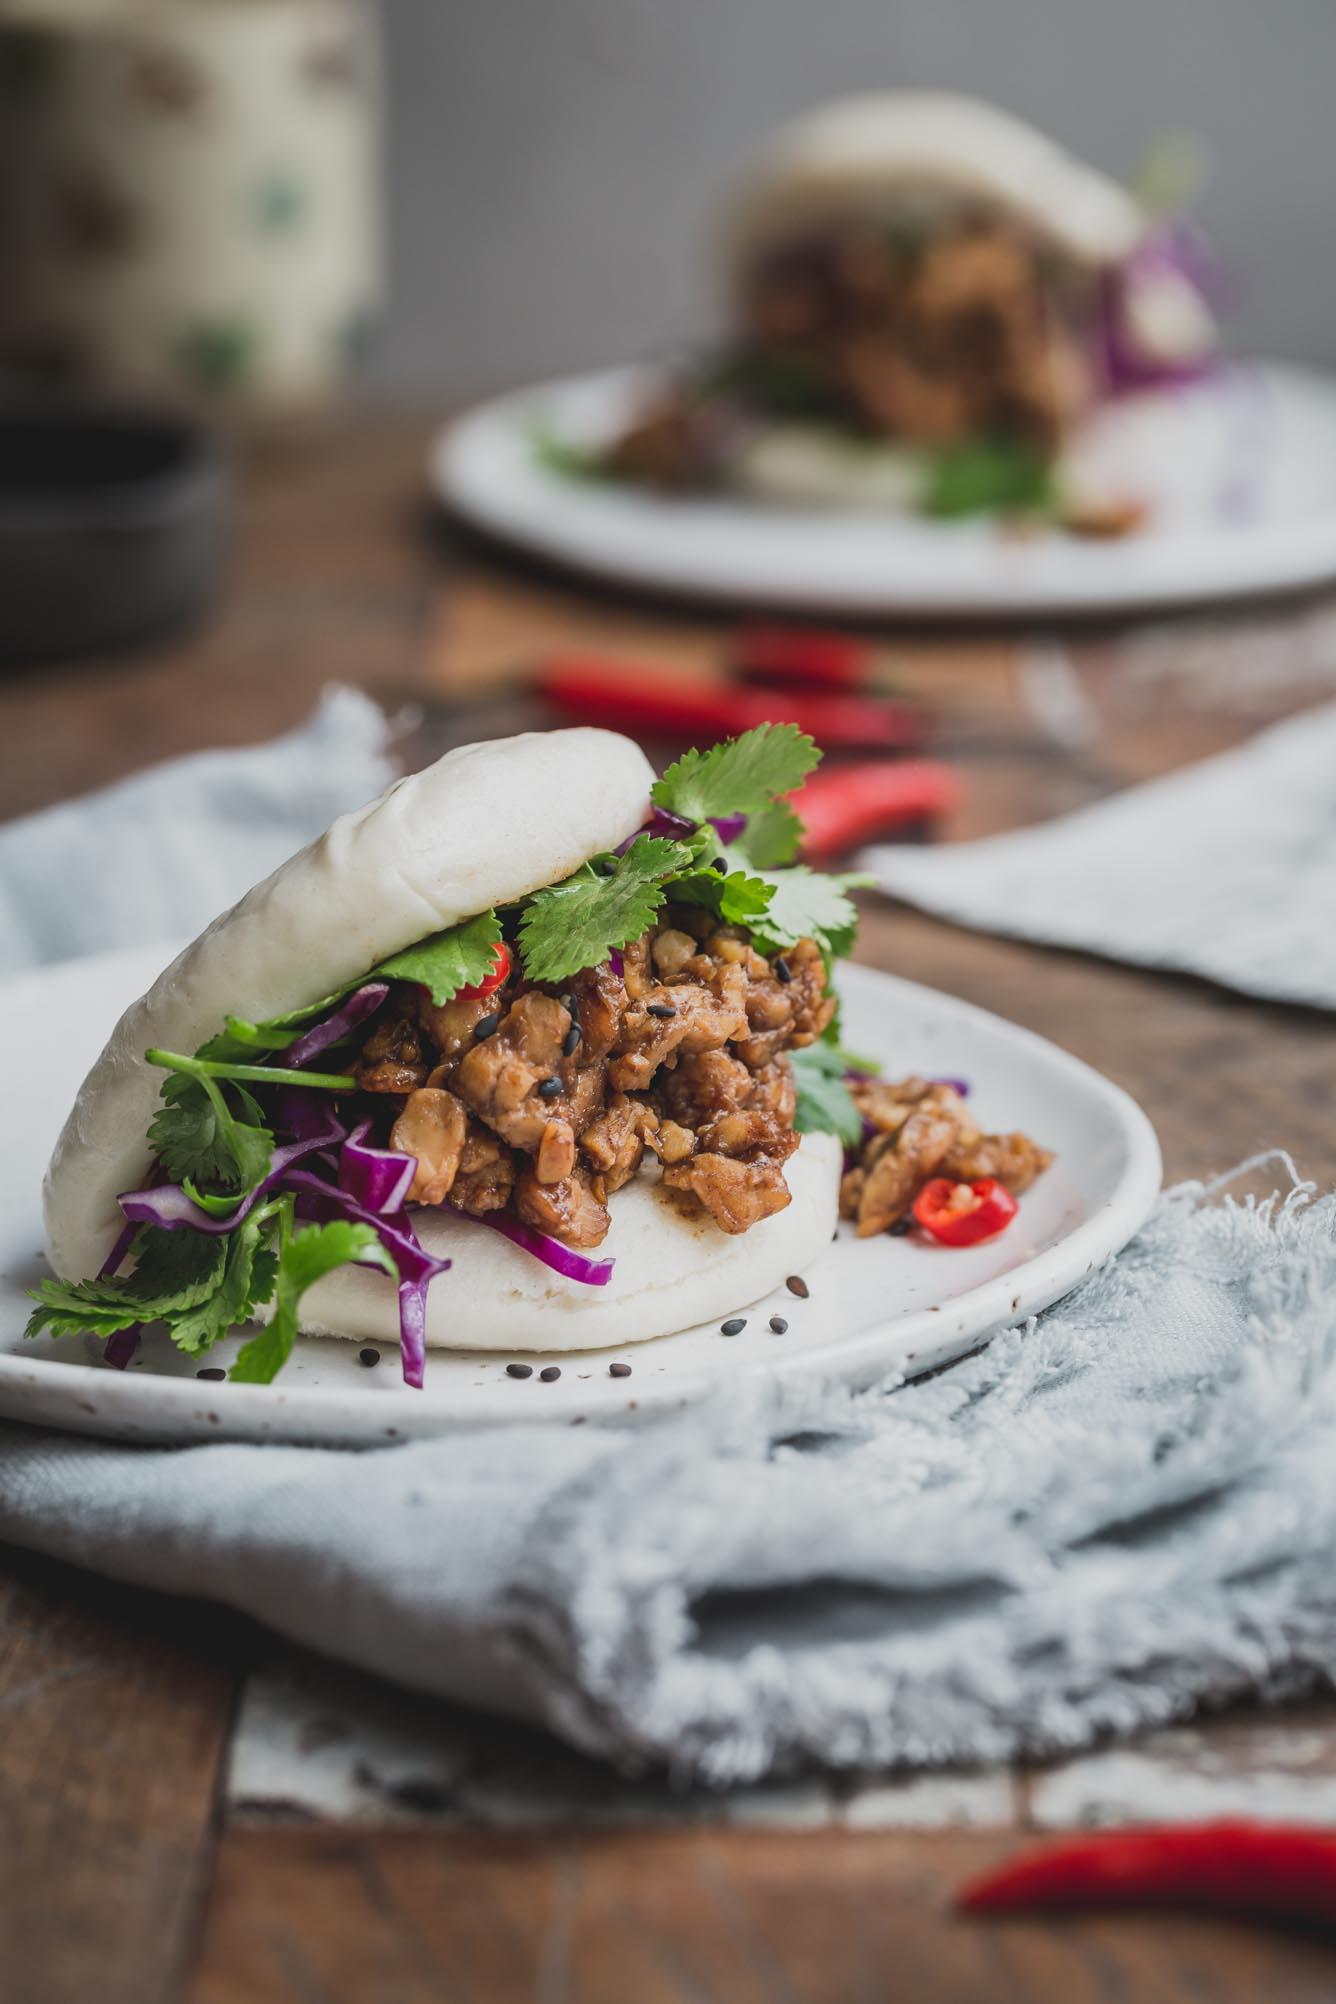 A bao bun with fresh herbs on a white plate.